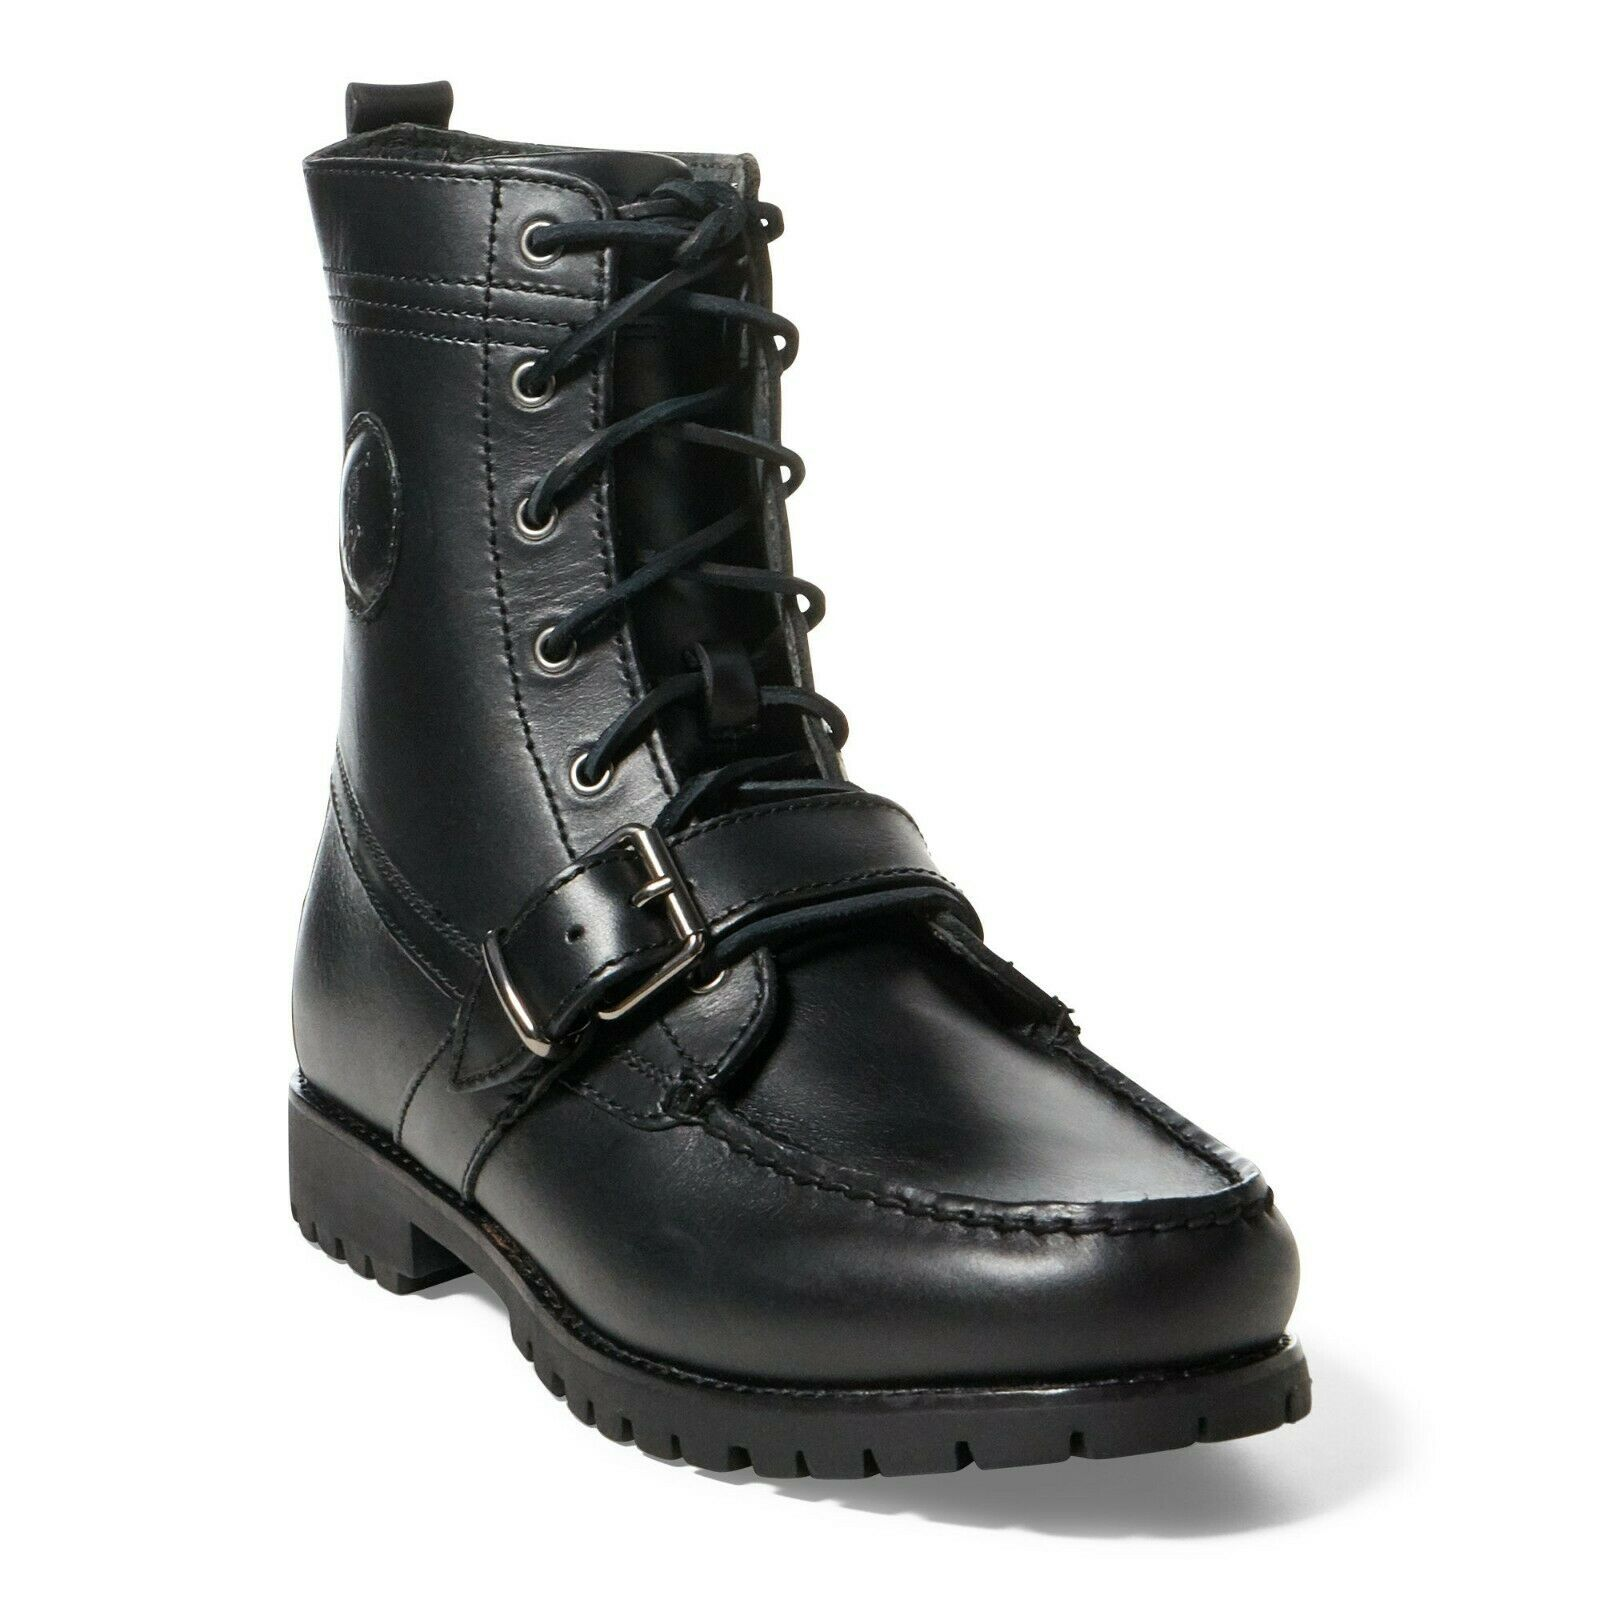 Nuevo Sin Caja Polo Ralph Lauren para hombre botas Hebilla de Cuero Ranger, tamaño 10US, Color Negro